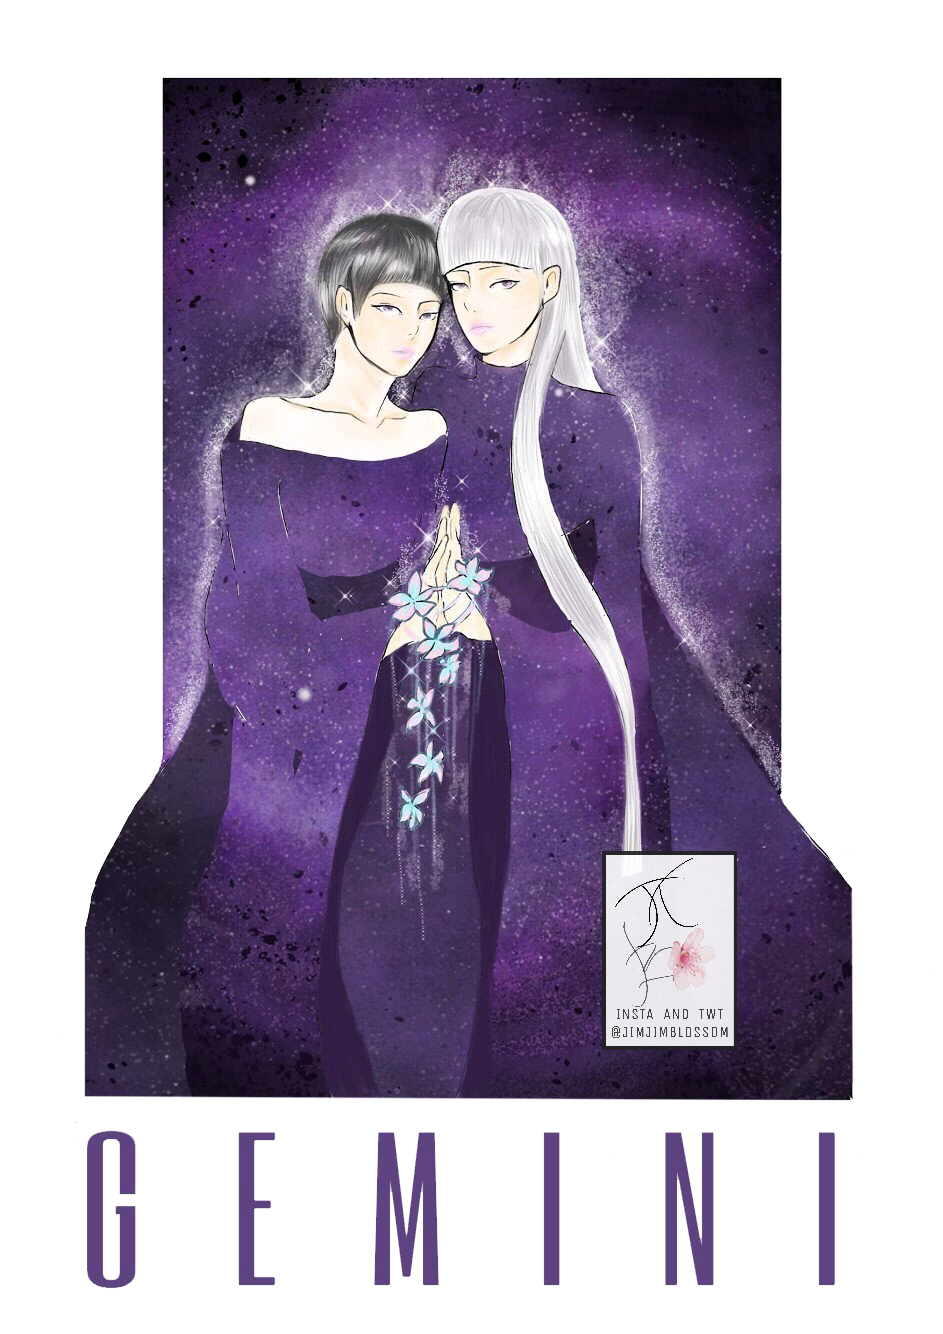 Cung hoàng đạo Song Tử với hình ảnh hai cô gái song sinh